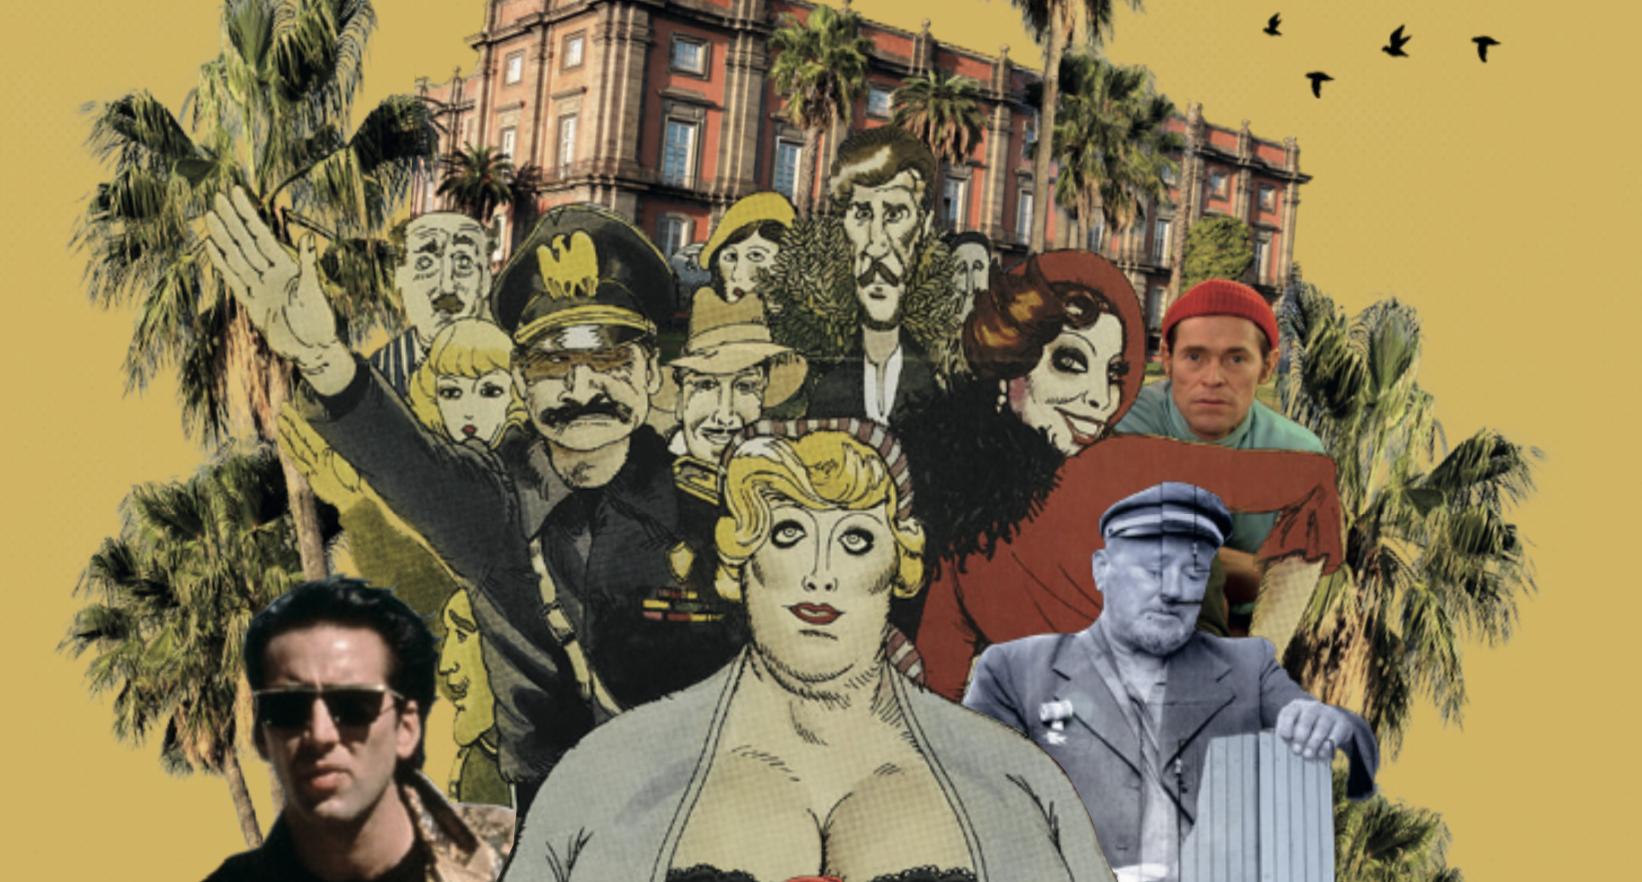 Pittori di Cinema - Al Museo e Real Bosco di Capodimonte torna la rassegna cinematografica all'aperto